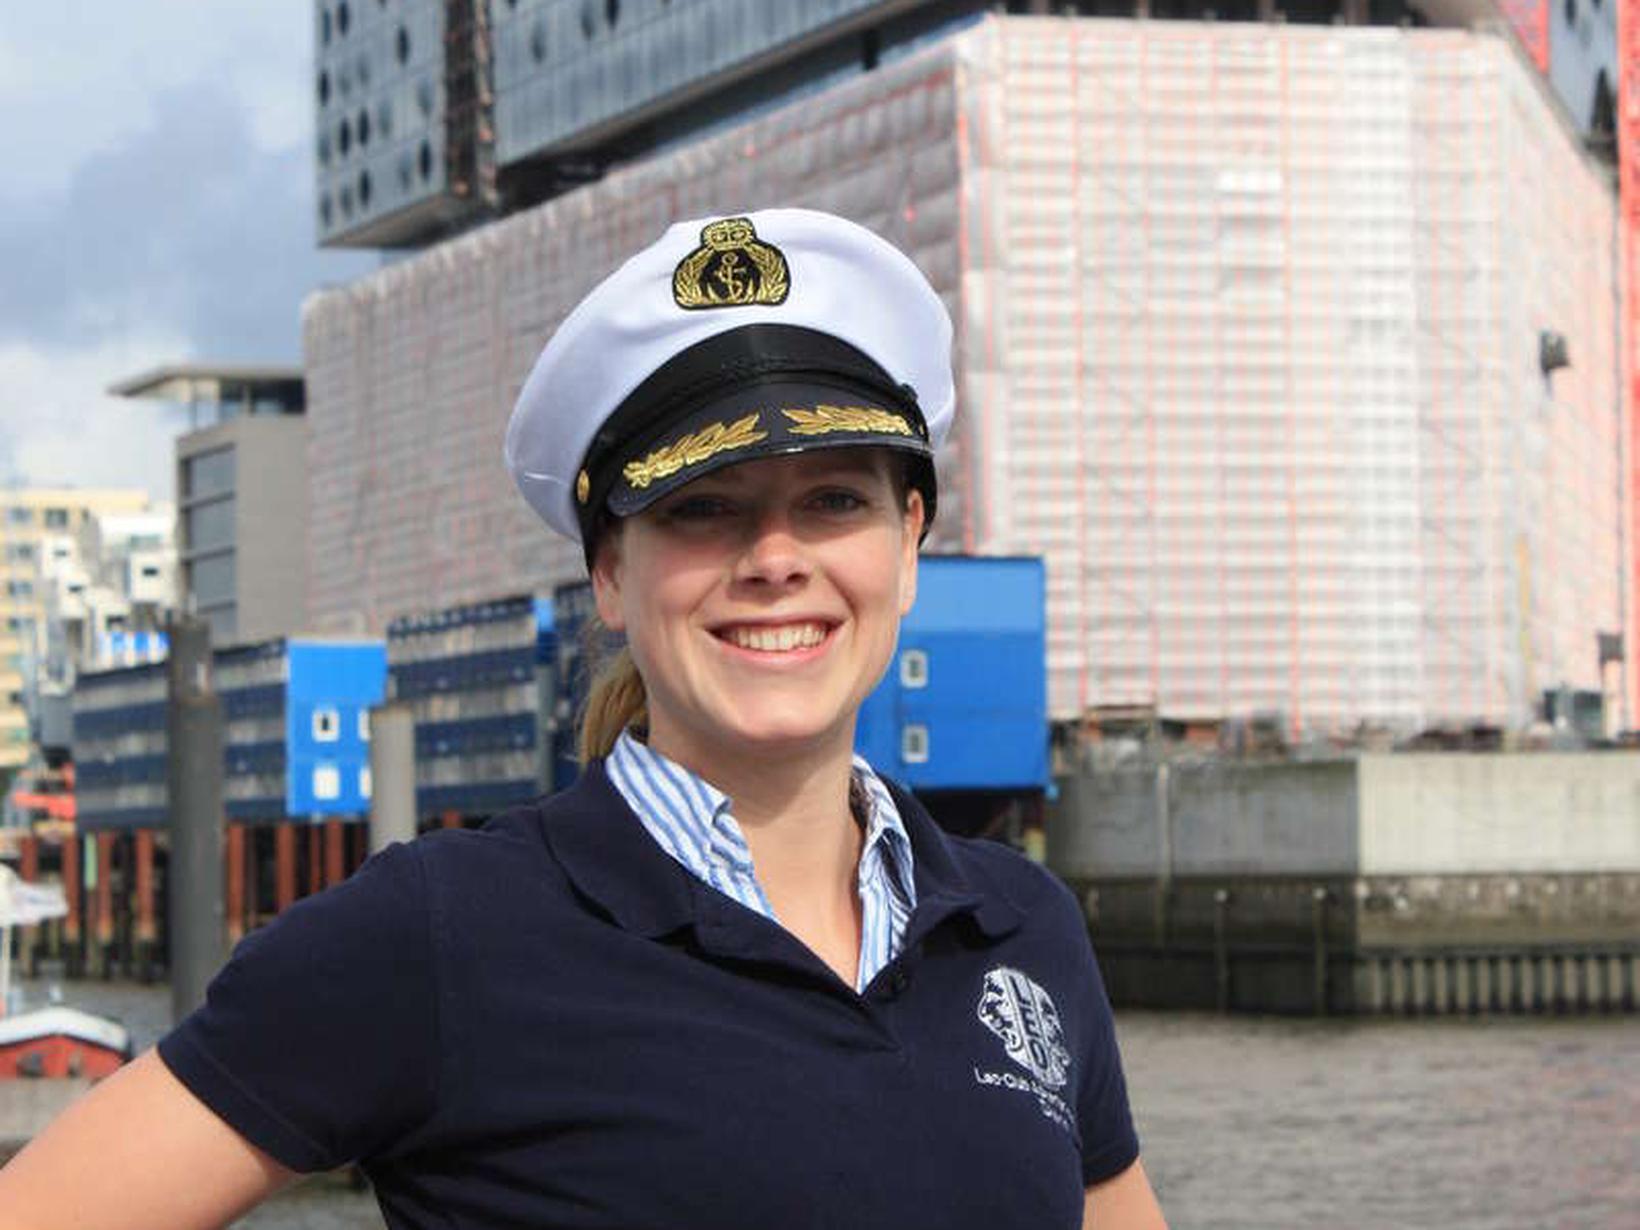 Diana from Hamburg, Germany